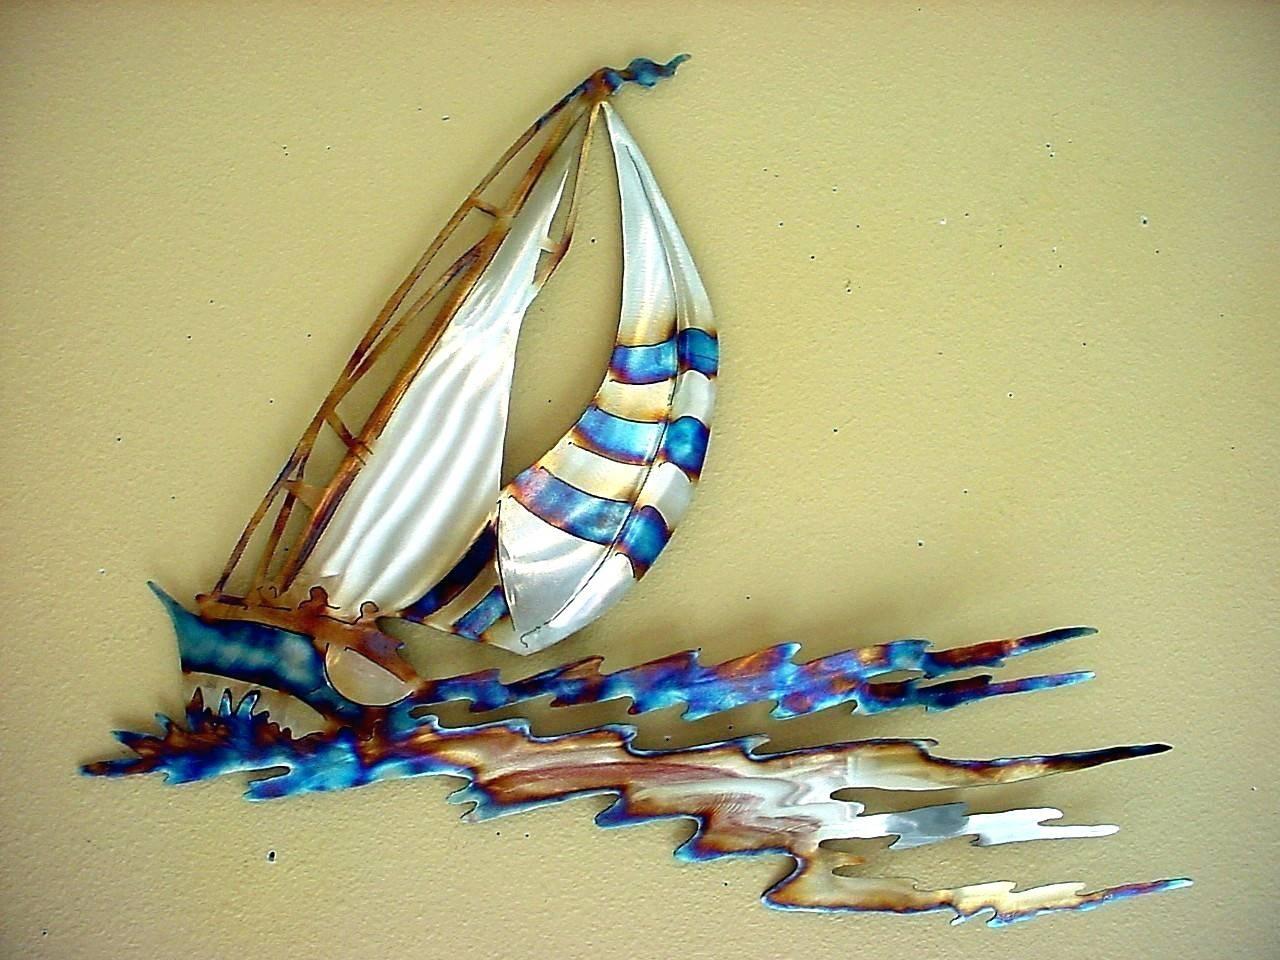 Wall Arts ~ Sailing Ship Metal Wall Art Large Metal Sailboat Wall In Most Popular Metal Wall Art Ships (View 5 of 20)